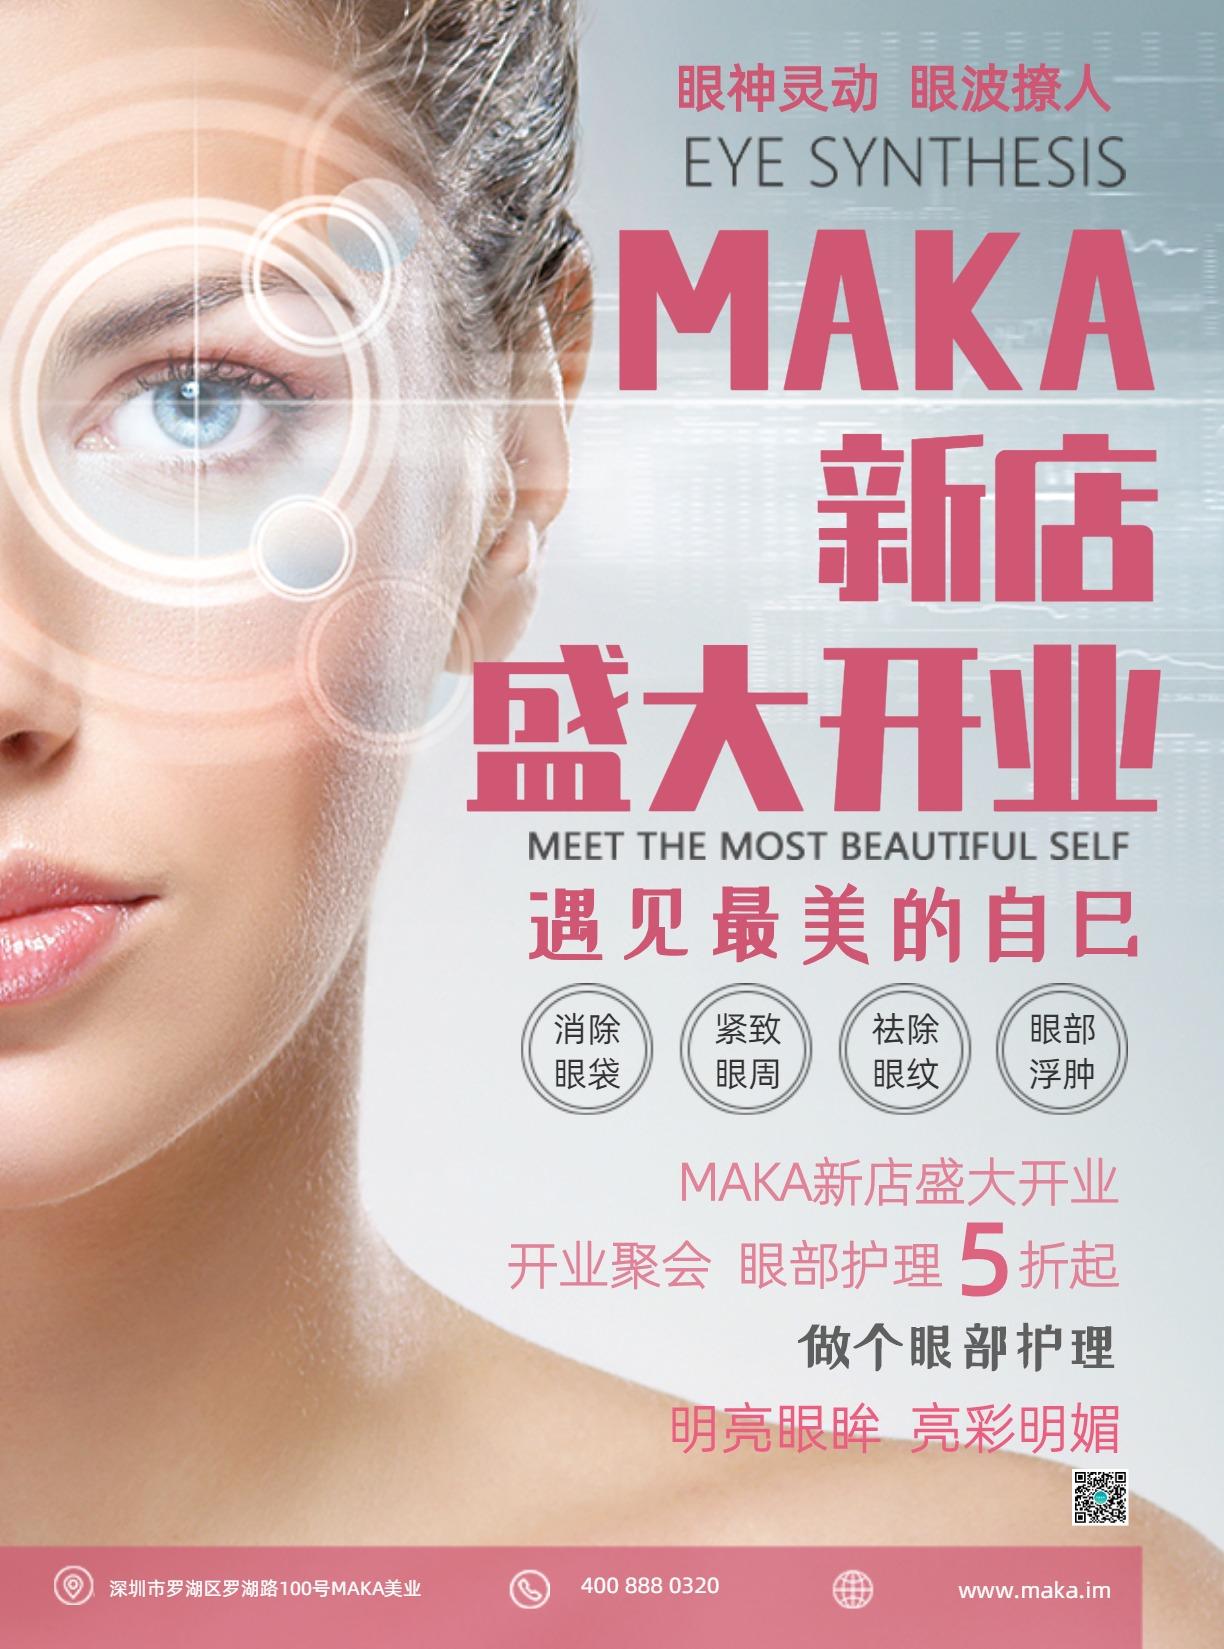 医美美容店开业促销眼部护理宣传单